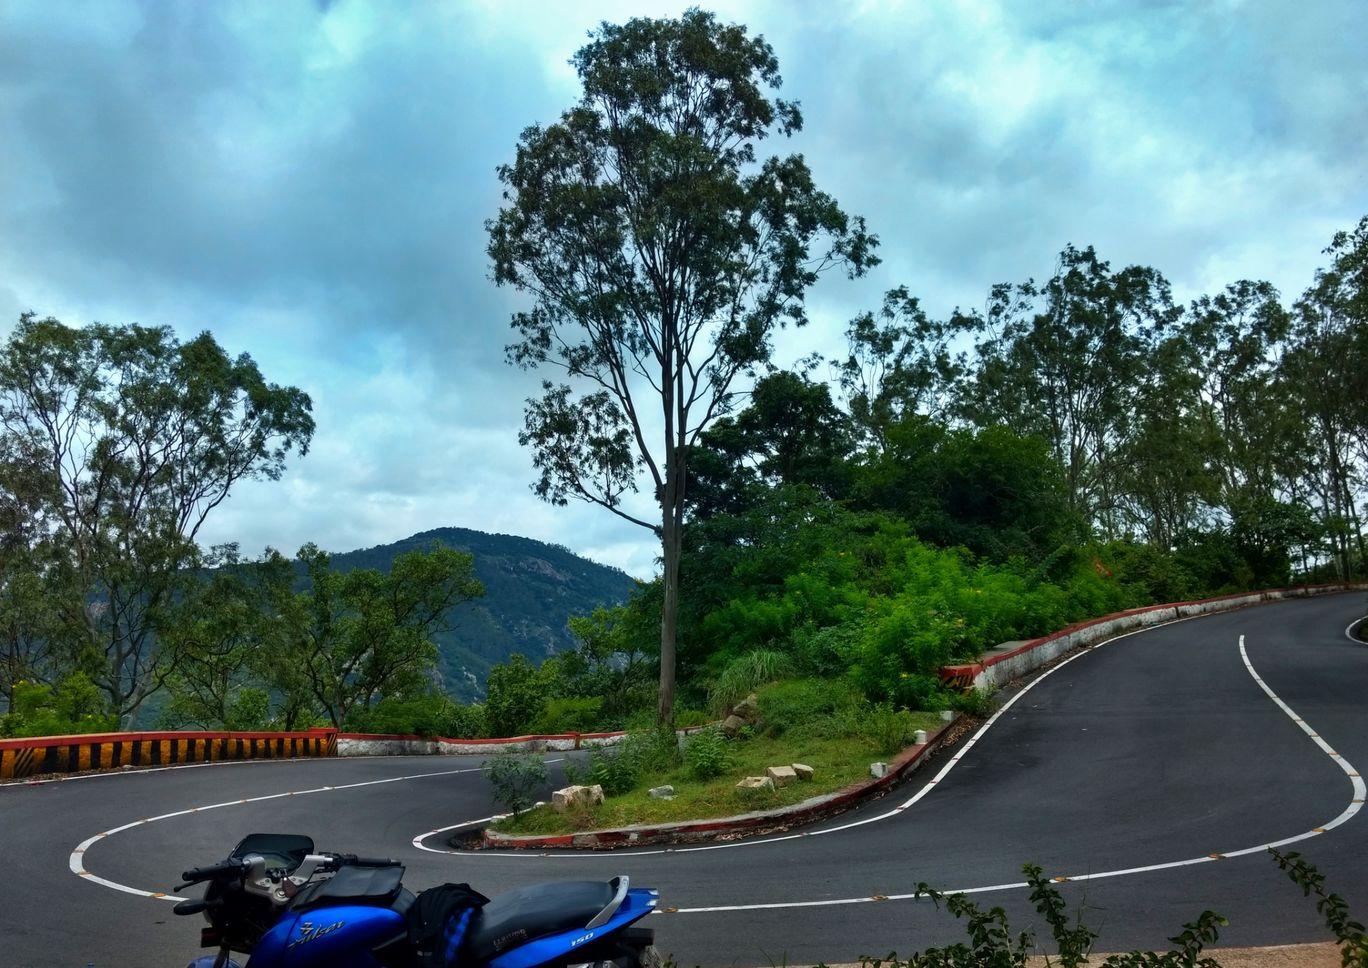 Photo of Nandi Hills By Mohd Hamzah